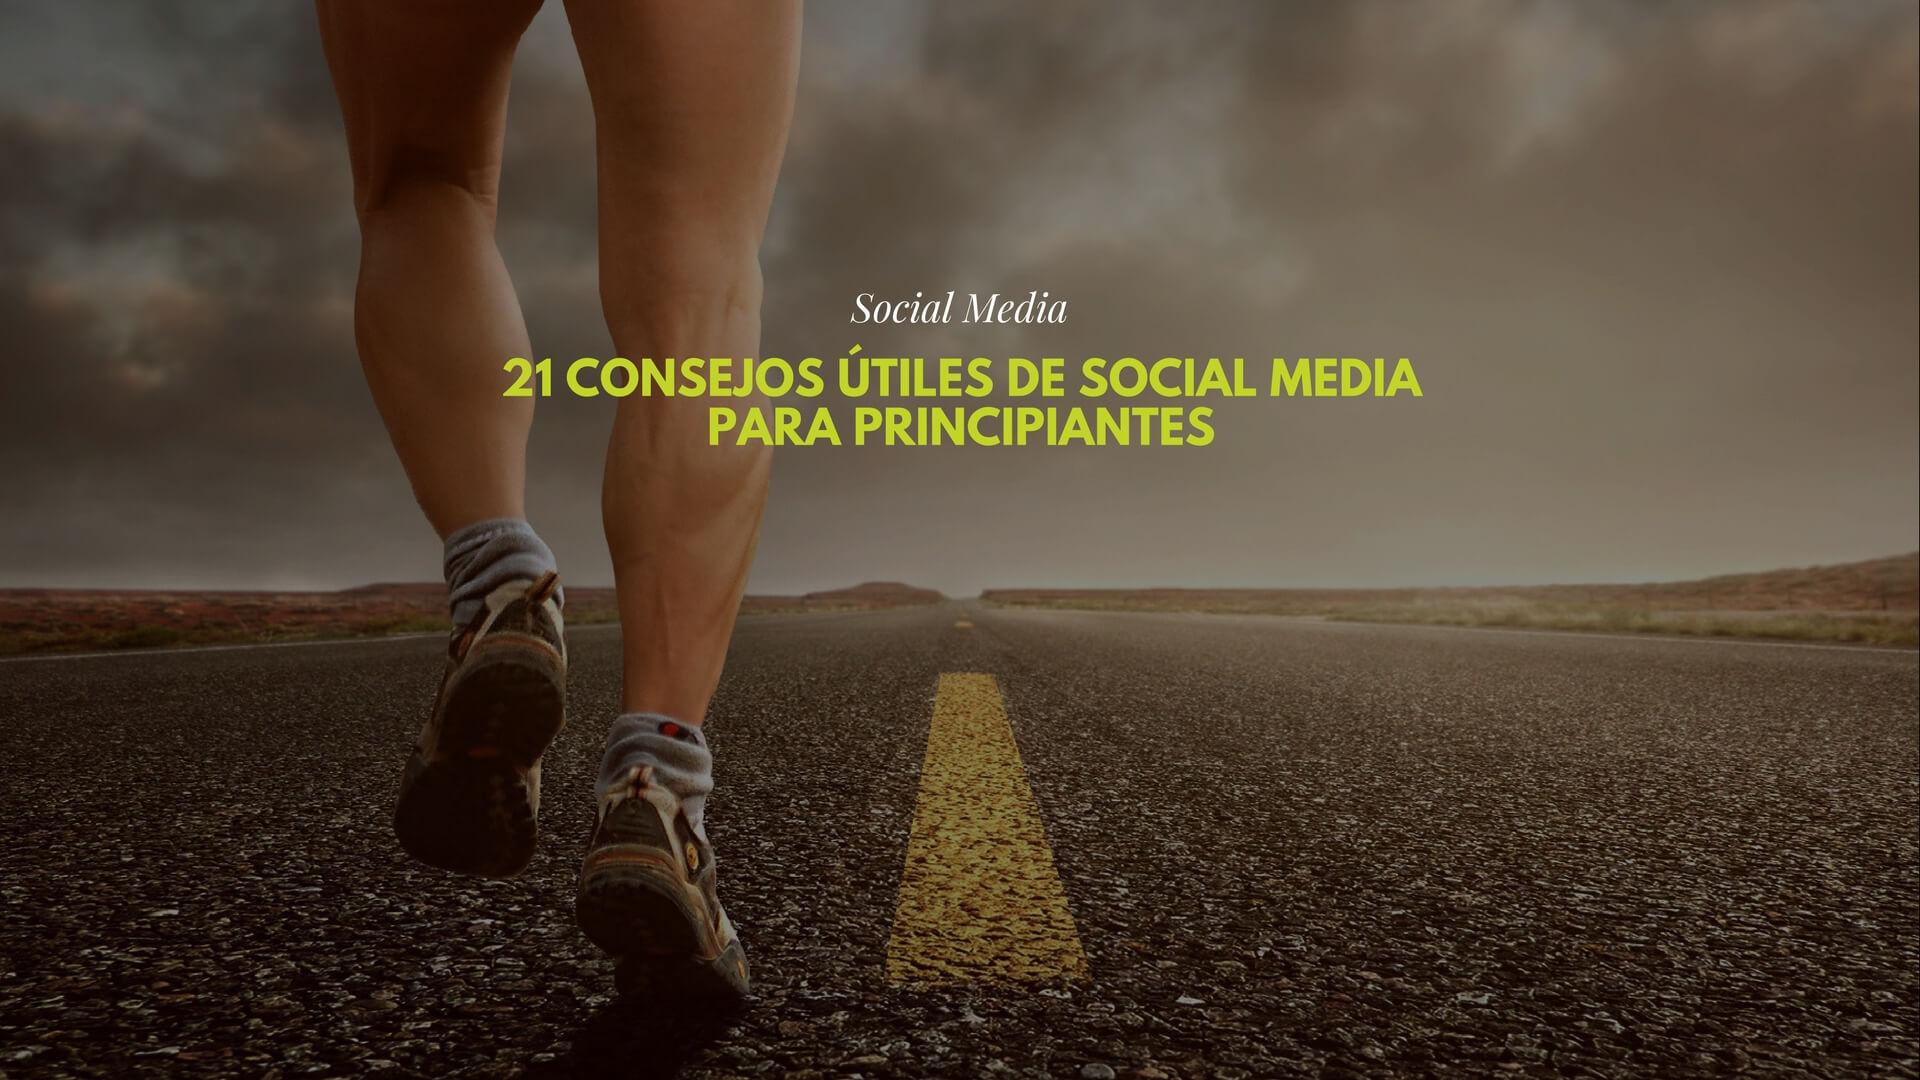 21 consejos útiles de Social Media para principiantes